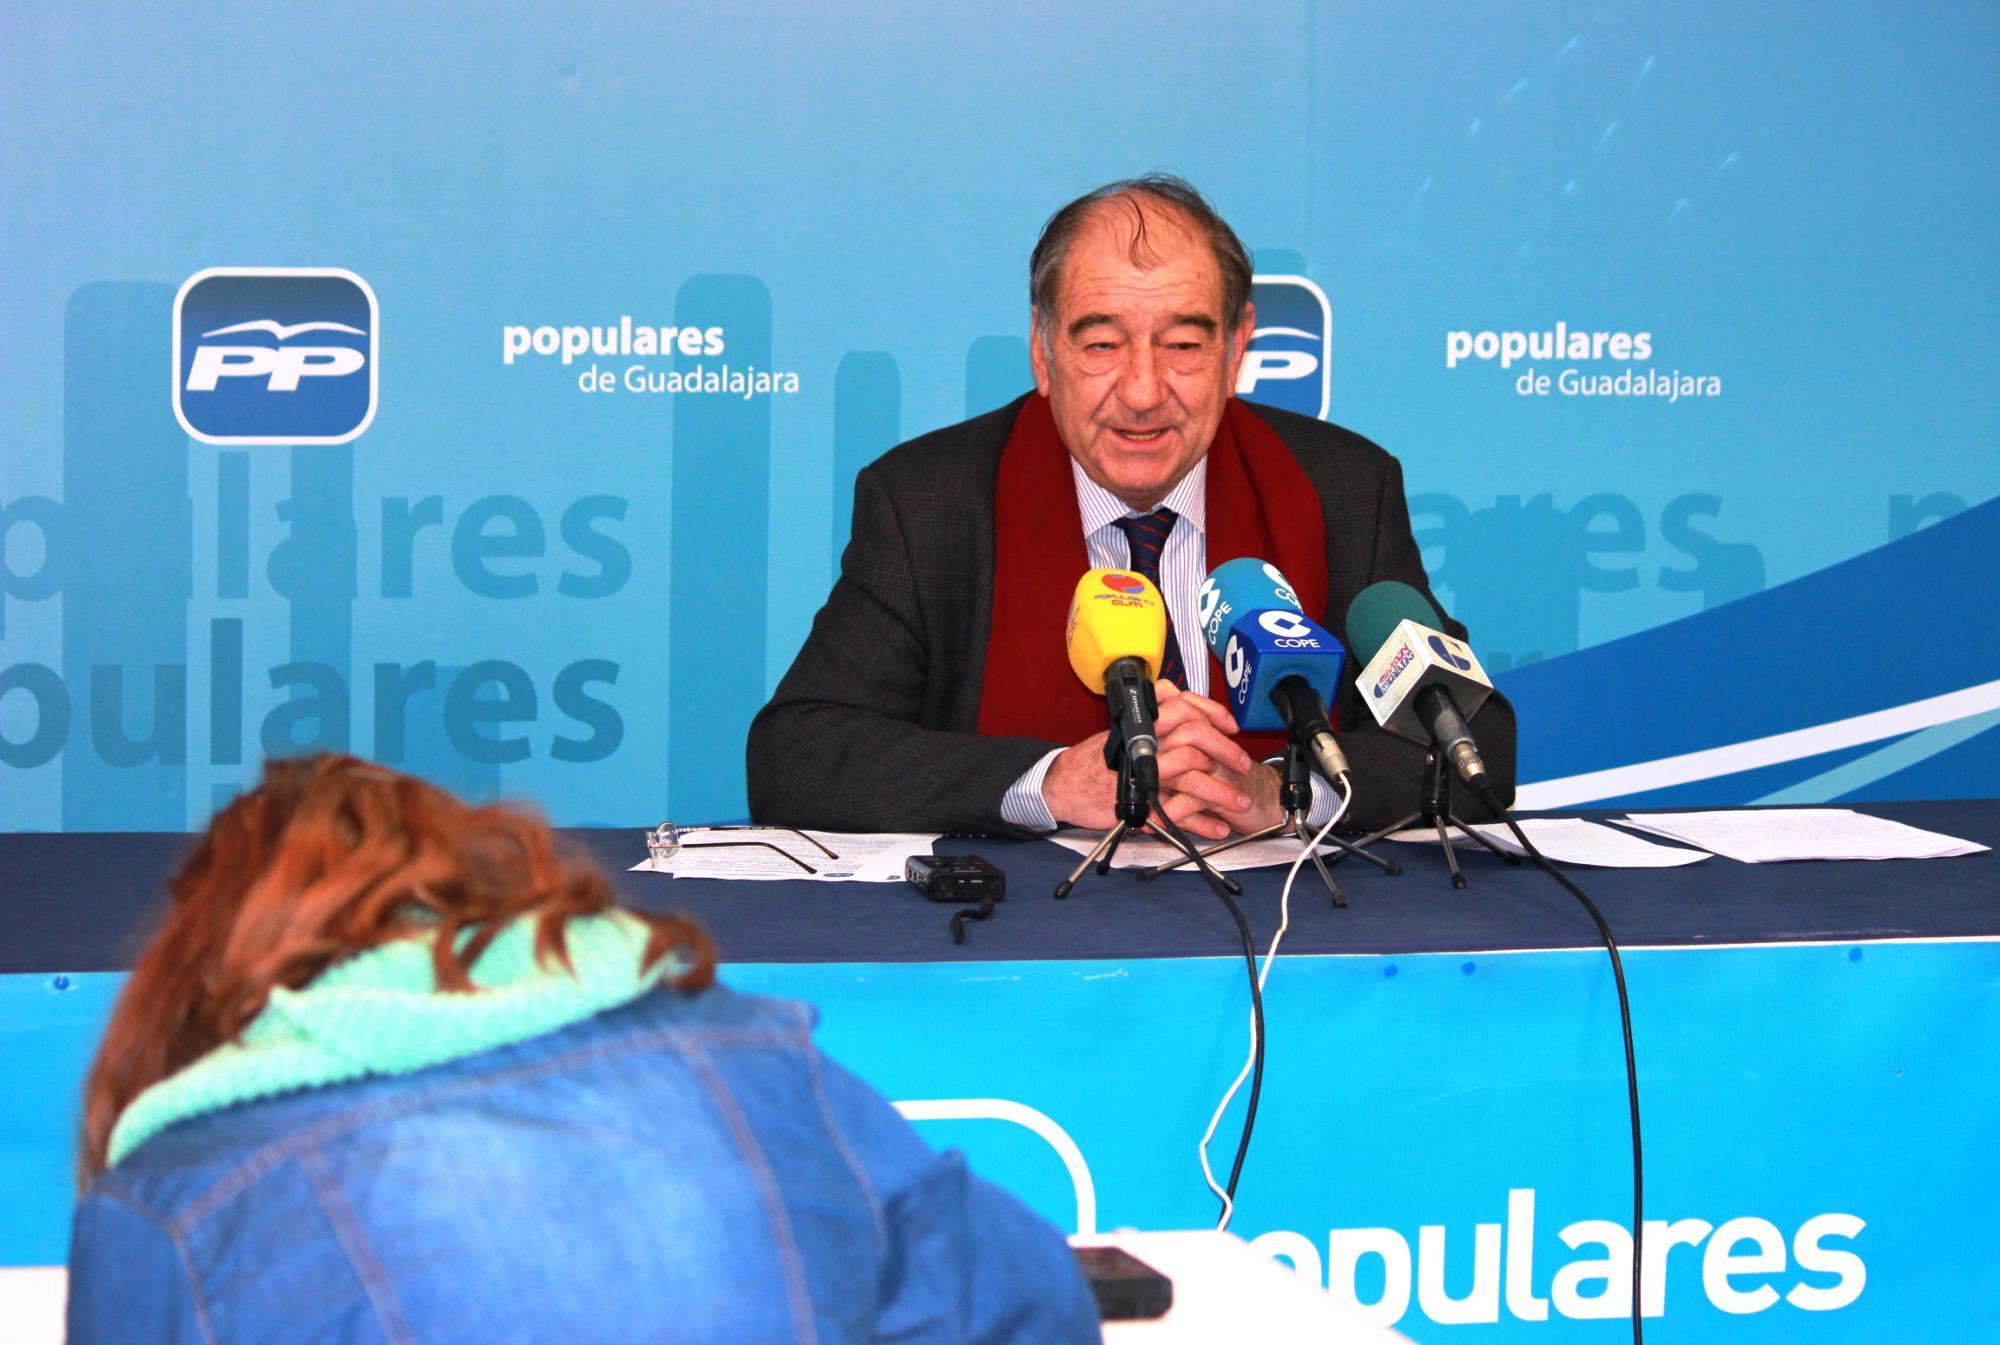 Herrero subraya que gracias a la reforma fiscal del Gobierno las familias numerosas o con discapacitados pueden solicitar desde hoy las ayudas que en su día se aprobaron